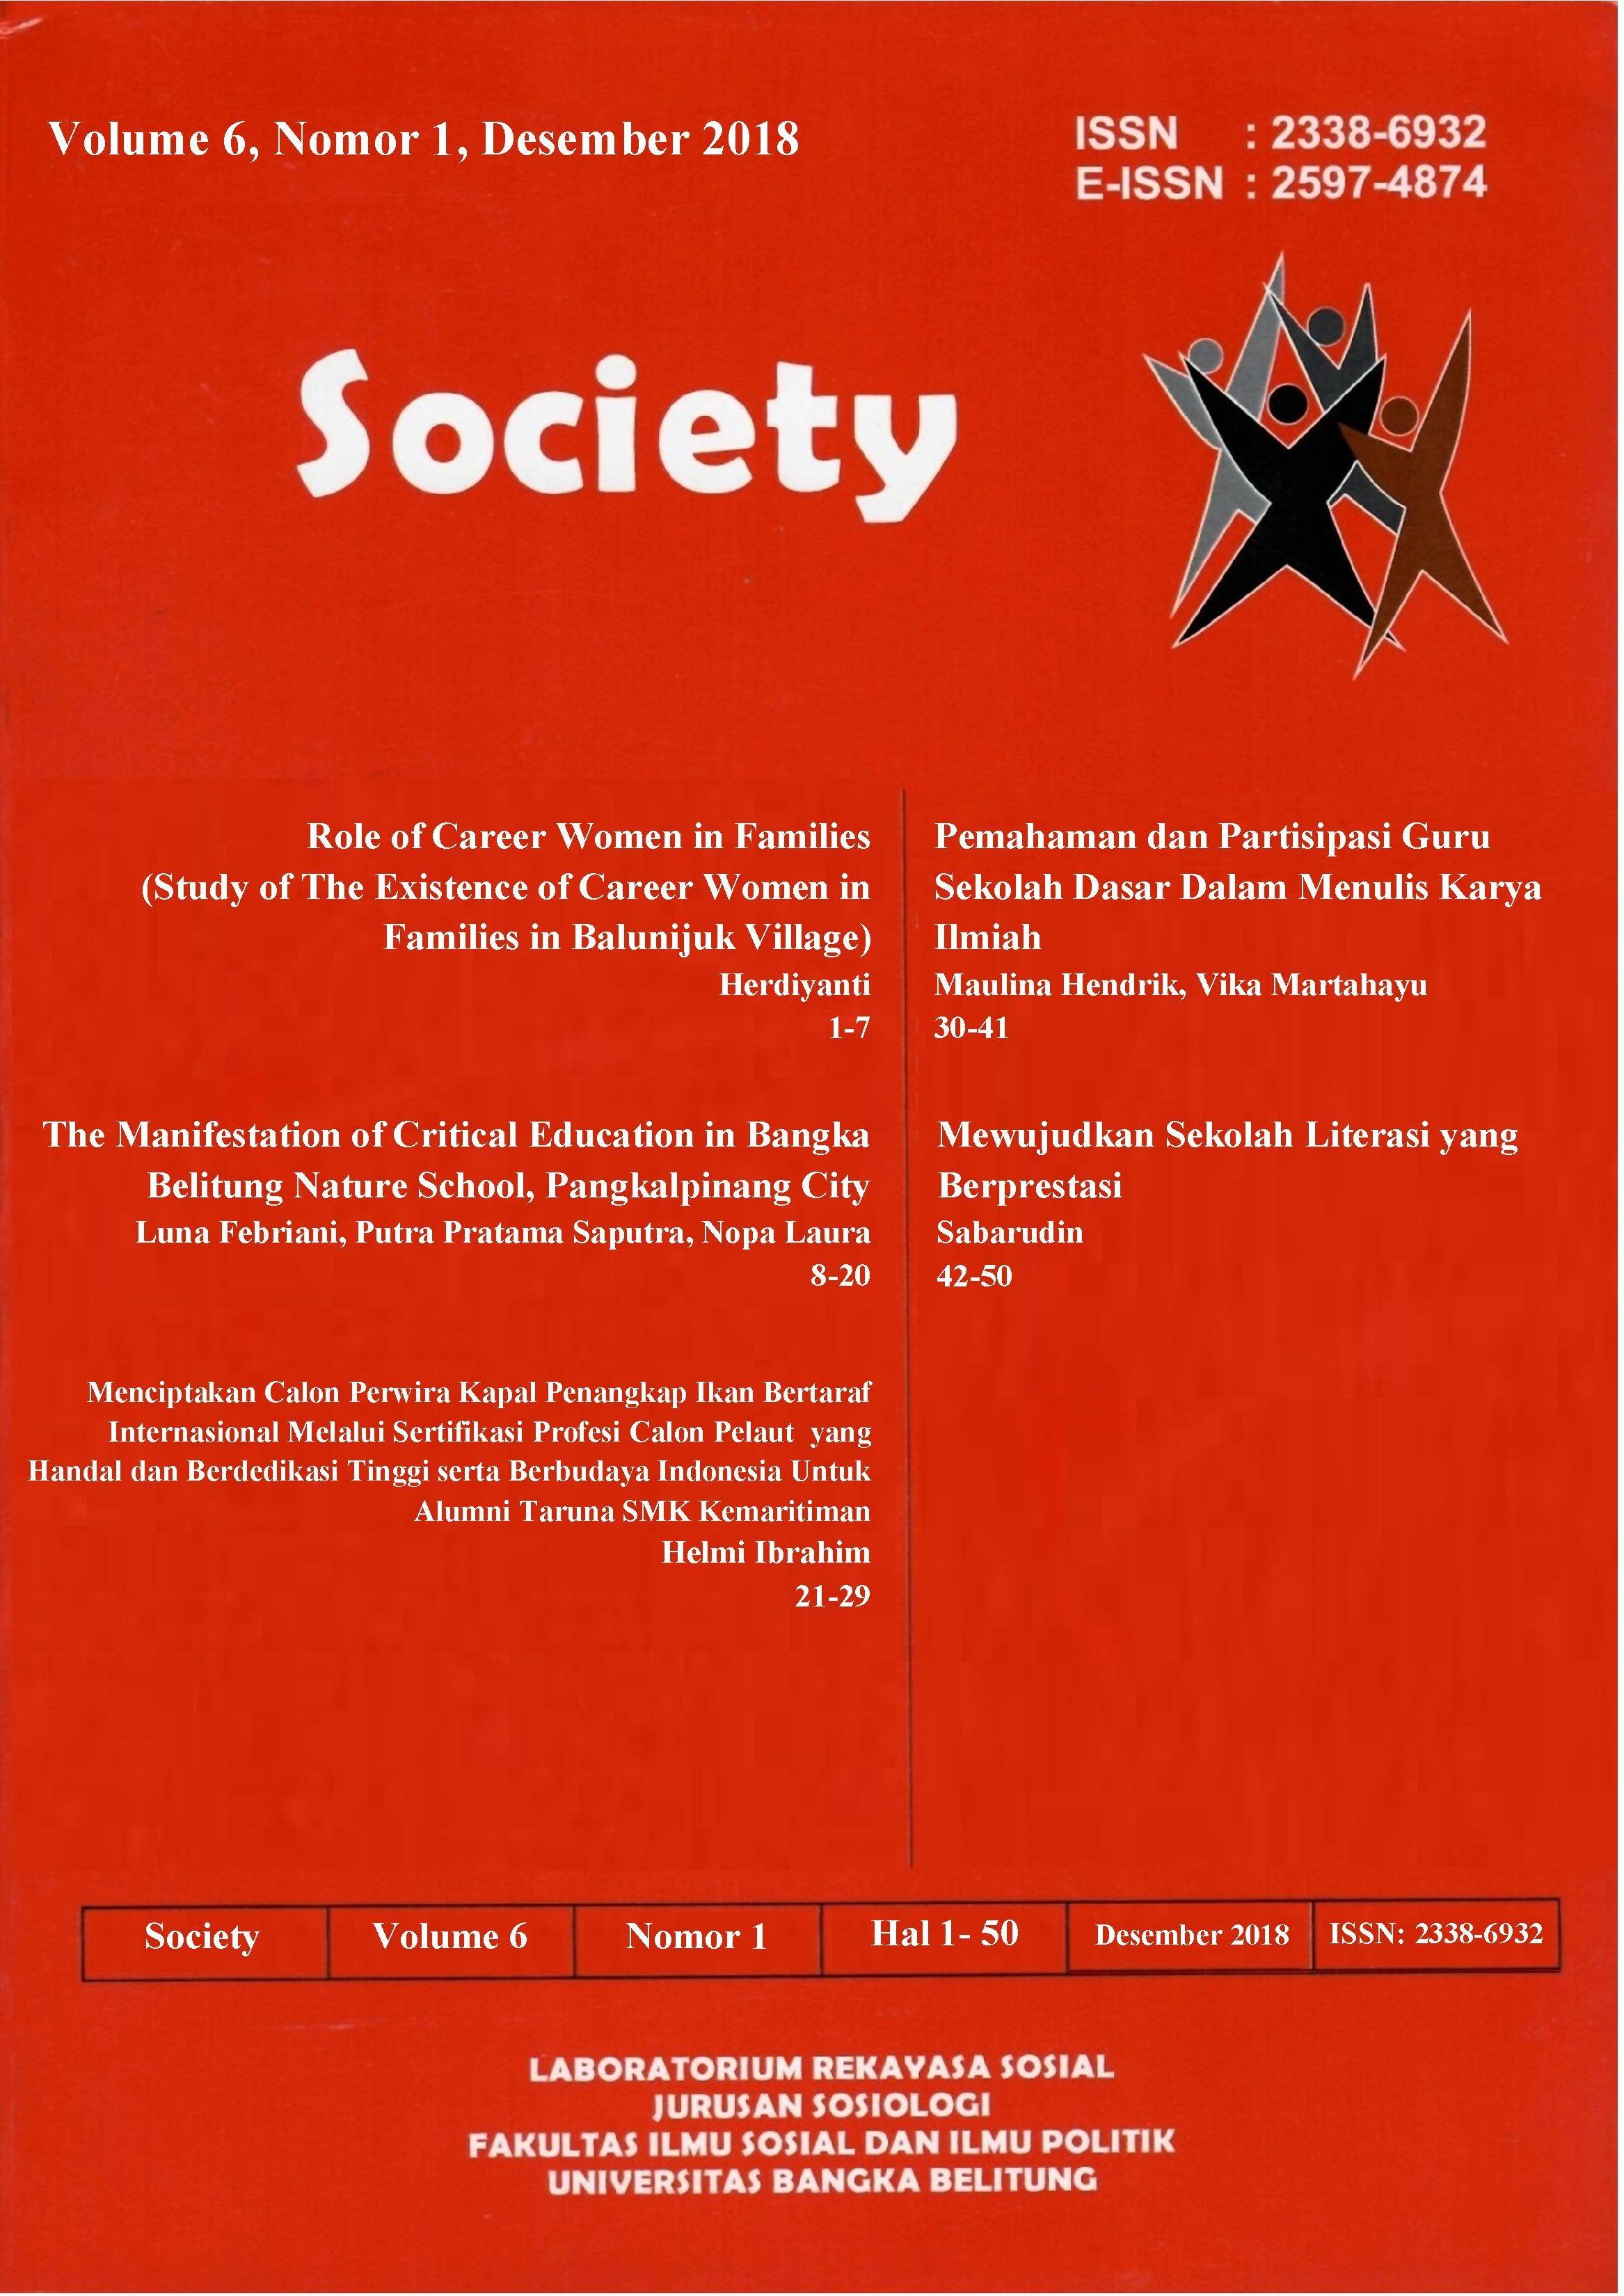 Jurnal Society Volume 6 Nomor 1#Desember 2018